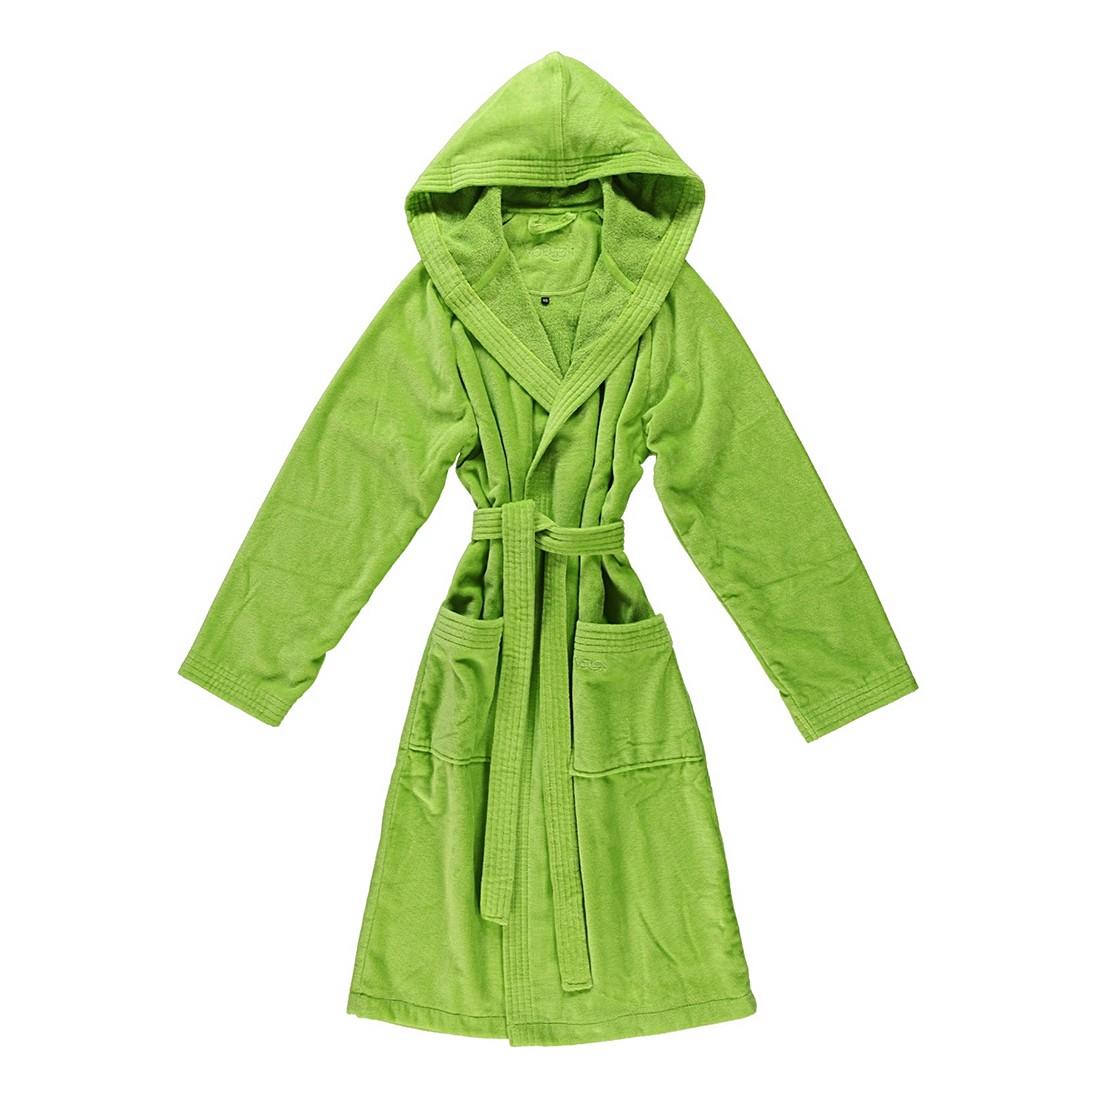 Bademantel Texas – Damen – Velours – 100% Baumwolle meadowgreen – 530 – Größe: XL, Vossen günstig online kaufen